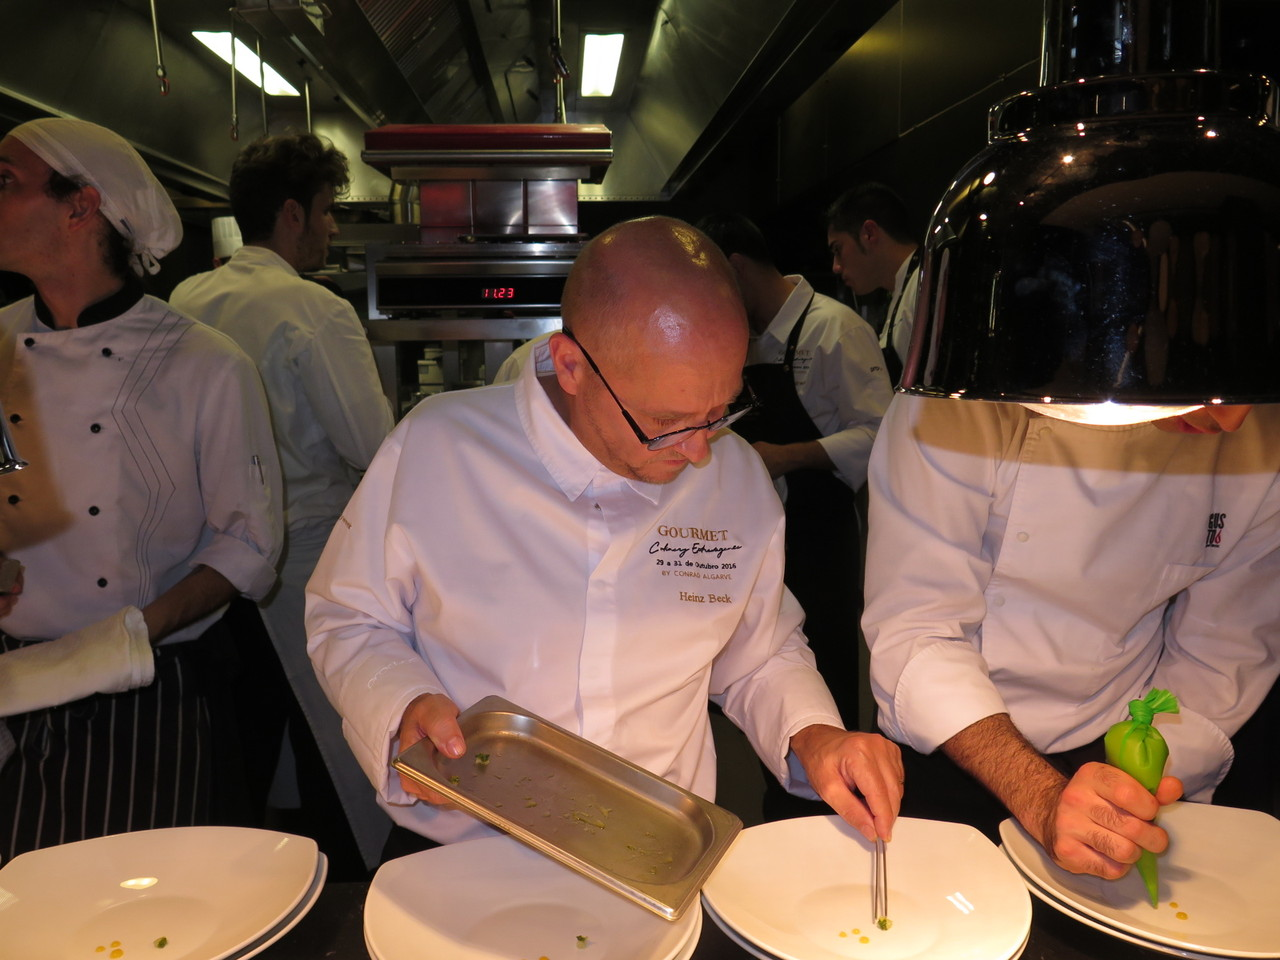 Heinz Beck ajudando no prato de Paolo Casagrande